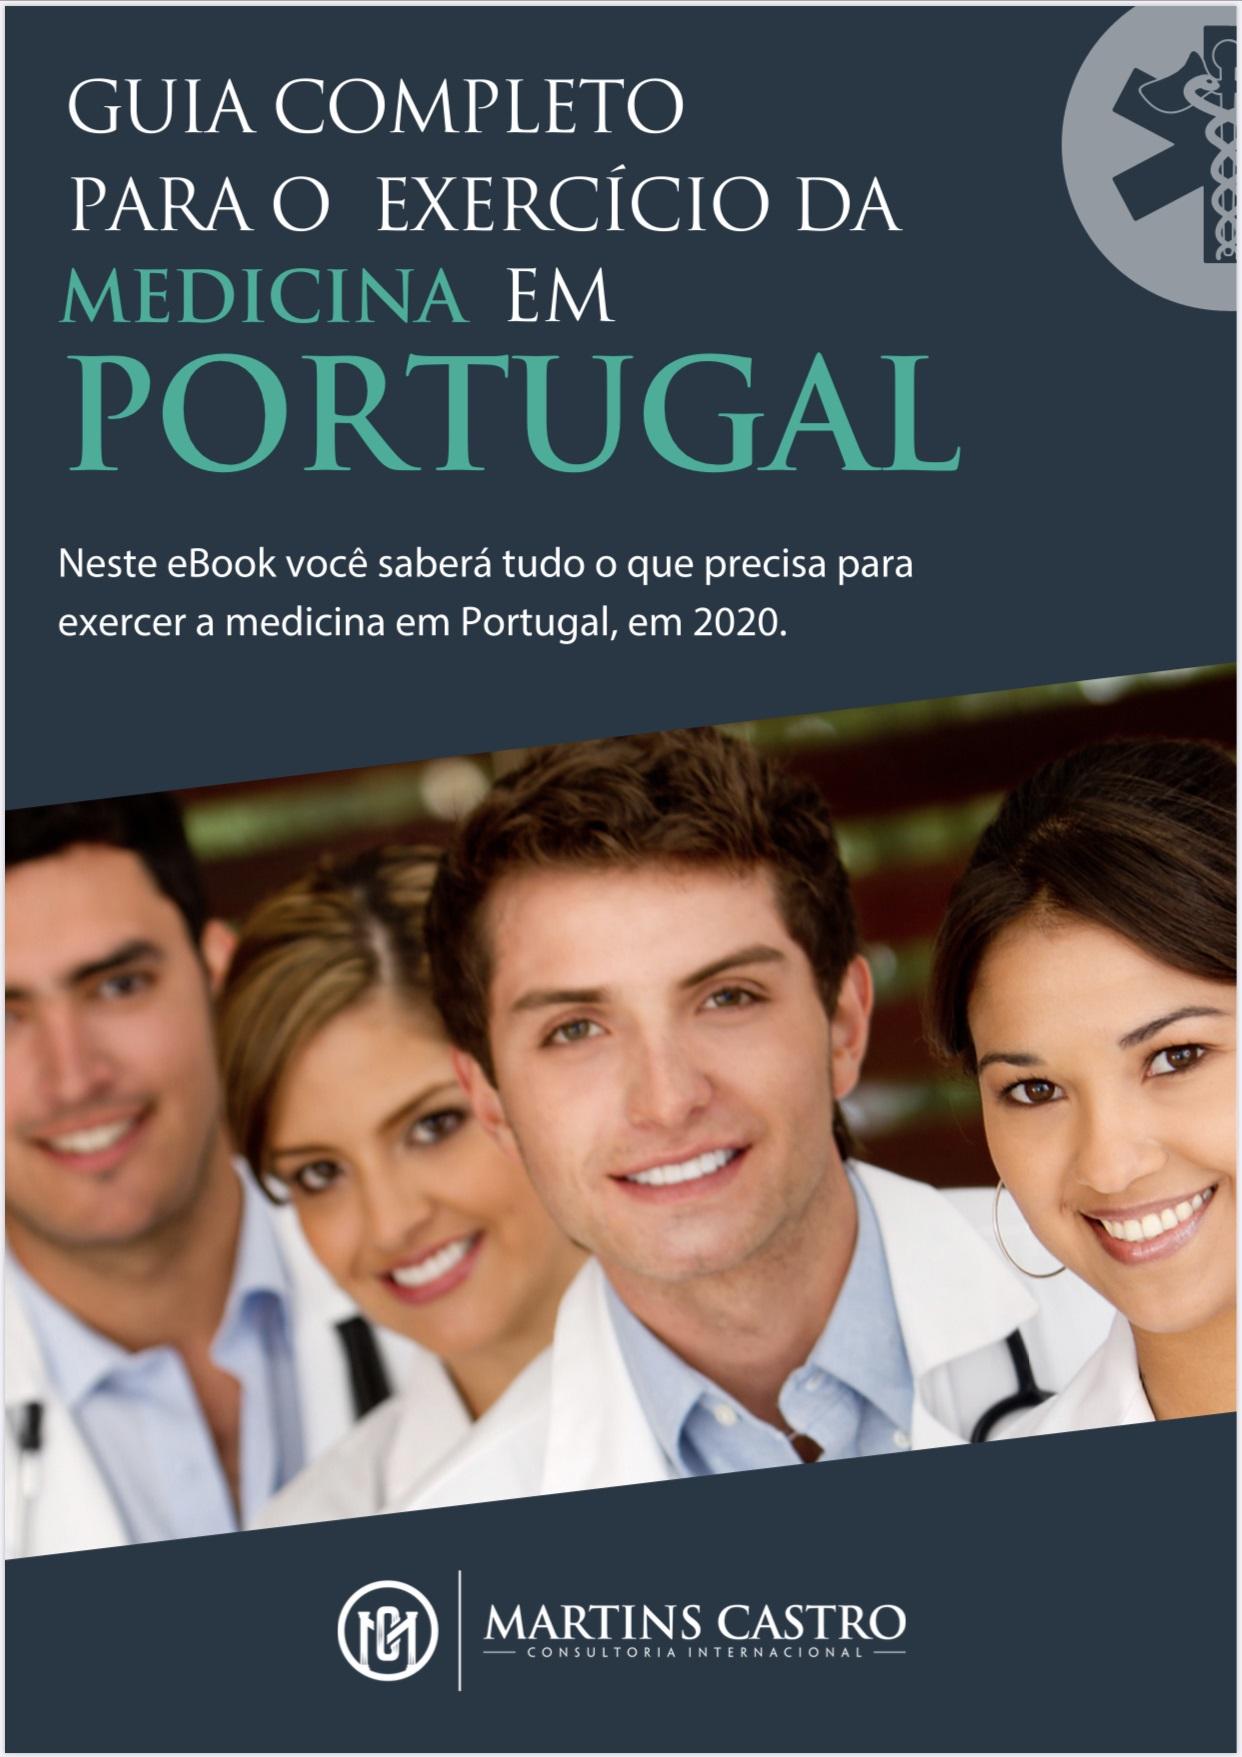 Revalidação do diploma de medicina em Portugal